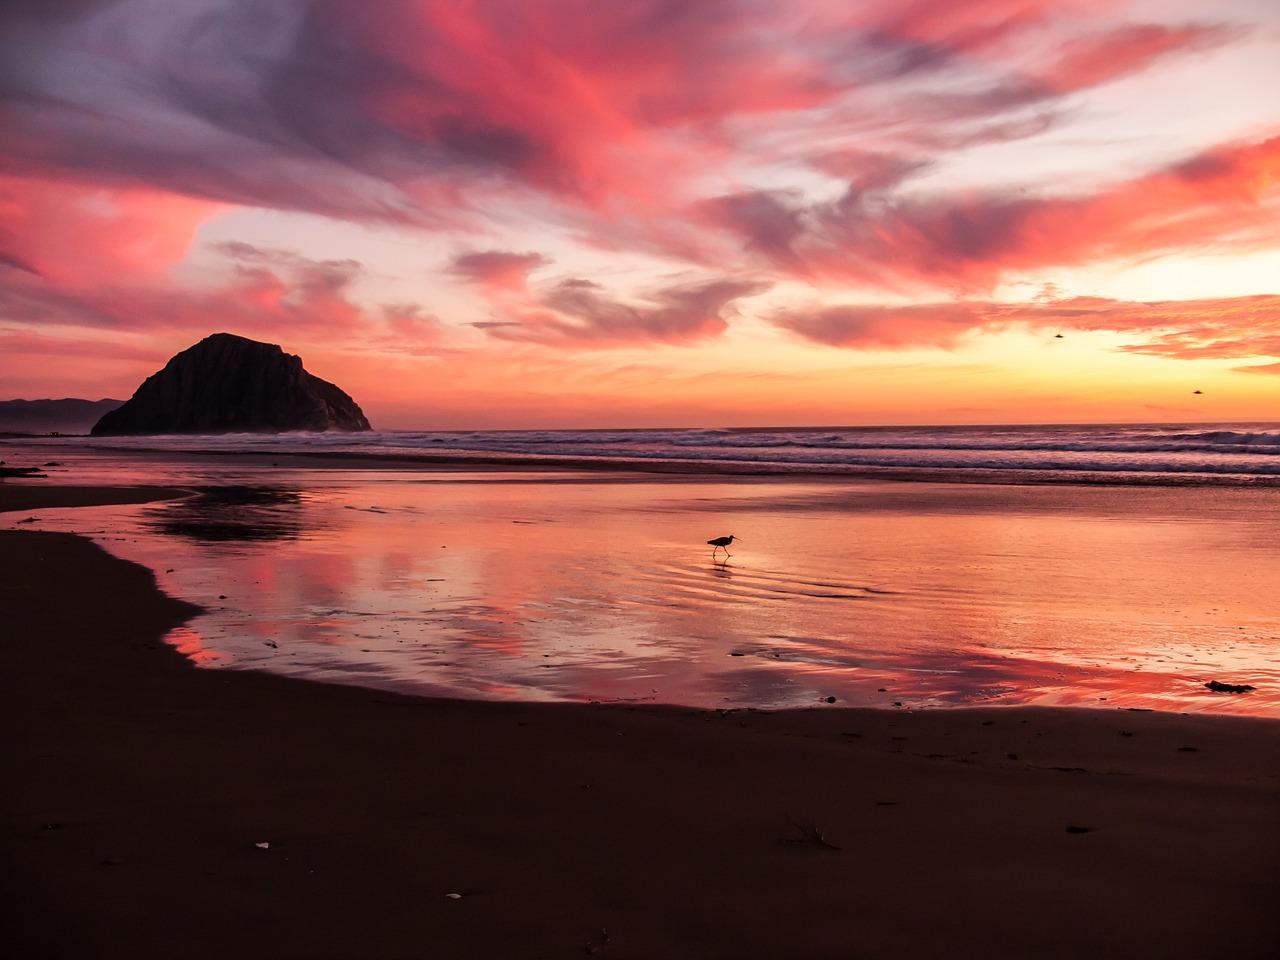 beach-731156_1280.jpg